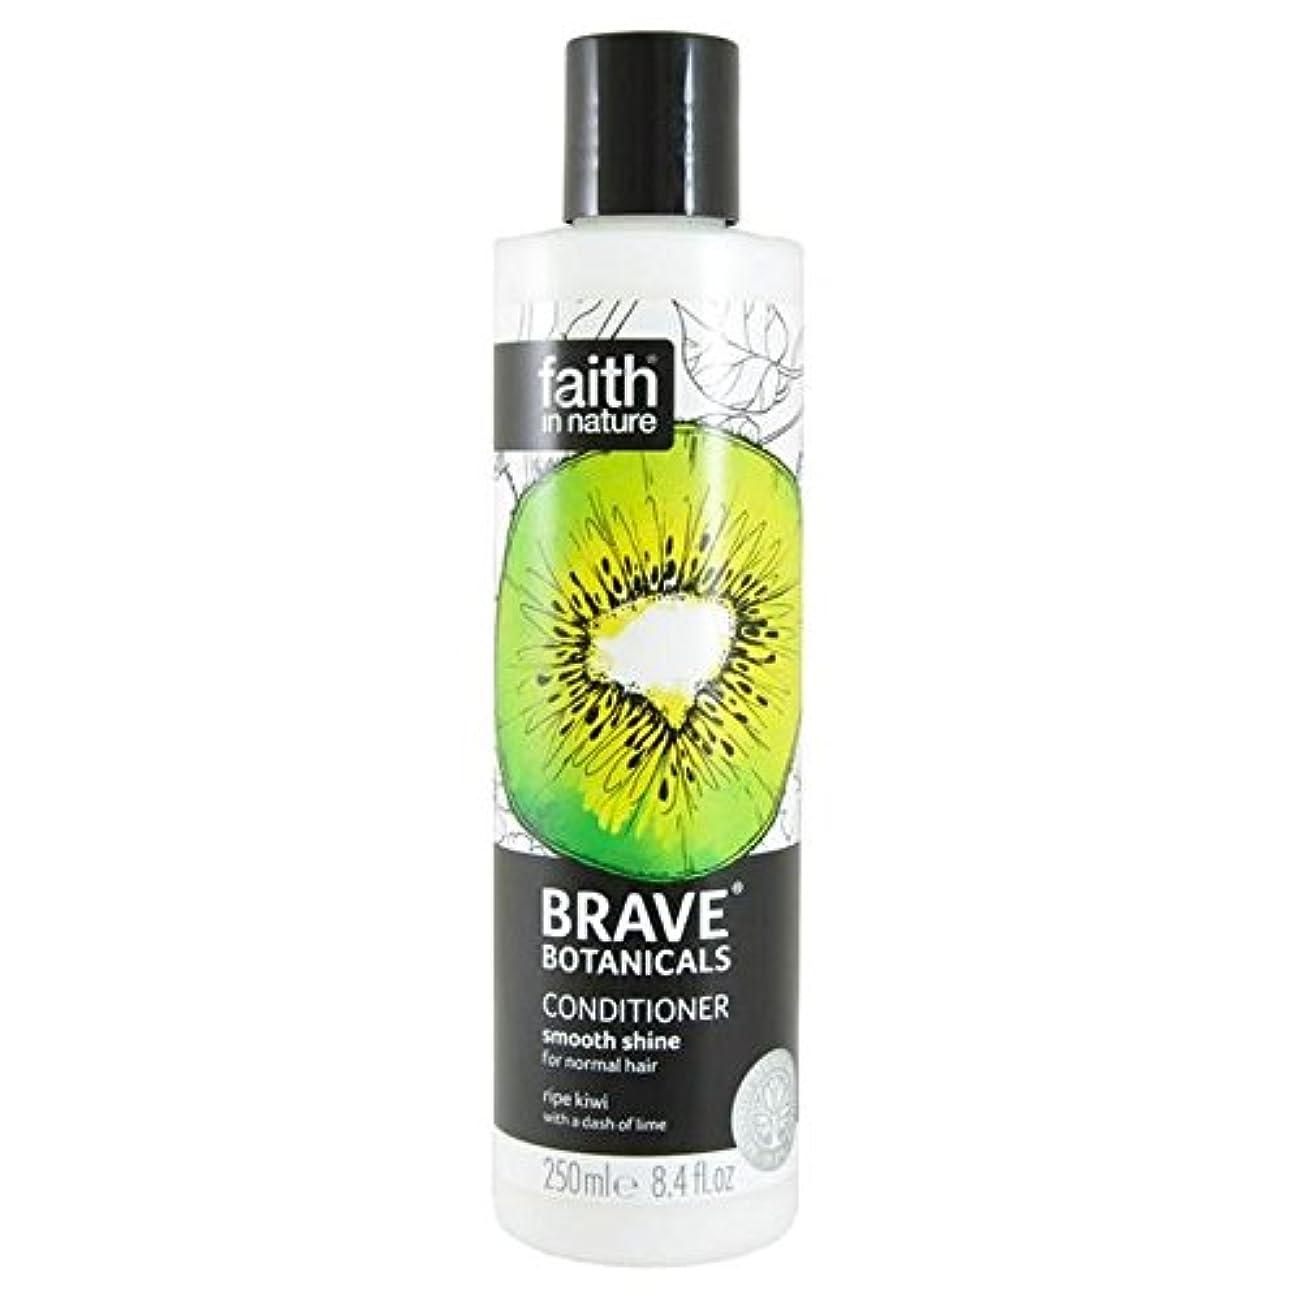 可聴持ってる引き出しBrave Botanicals Kiwi & Lime Smooth Shine Conditioner 250ml (Pack of 4) - (Faith In Nature) 勇敢な植物キウイ&ライムなめらかな輝...